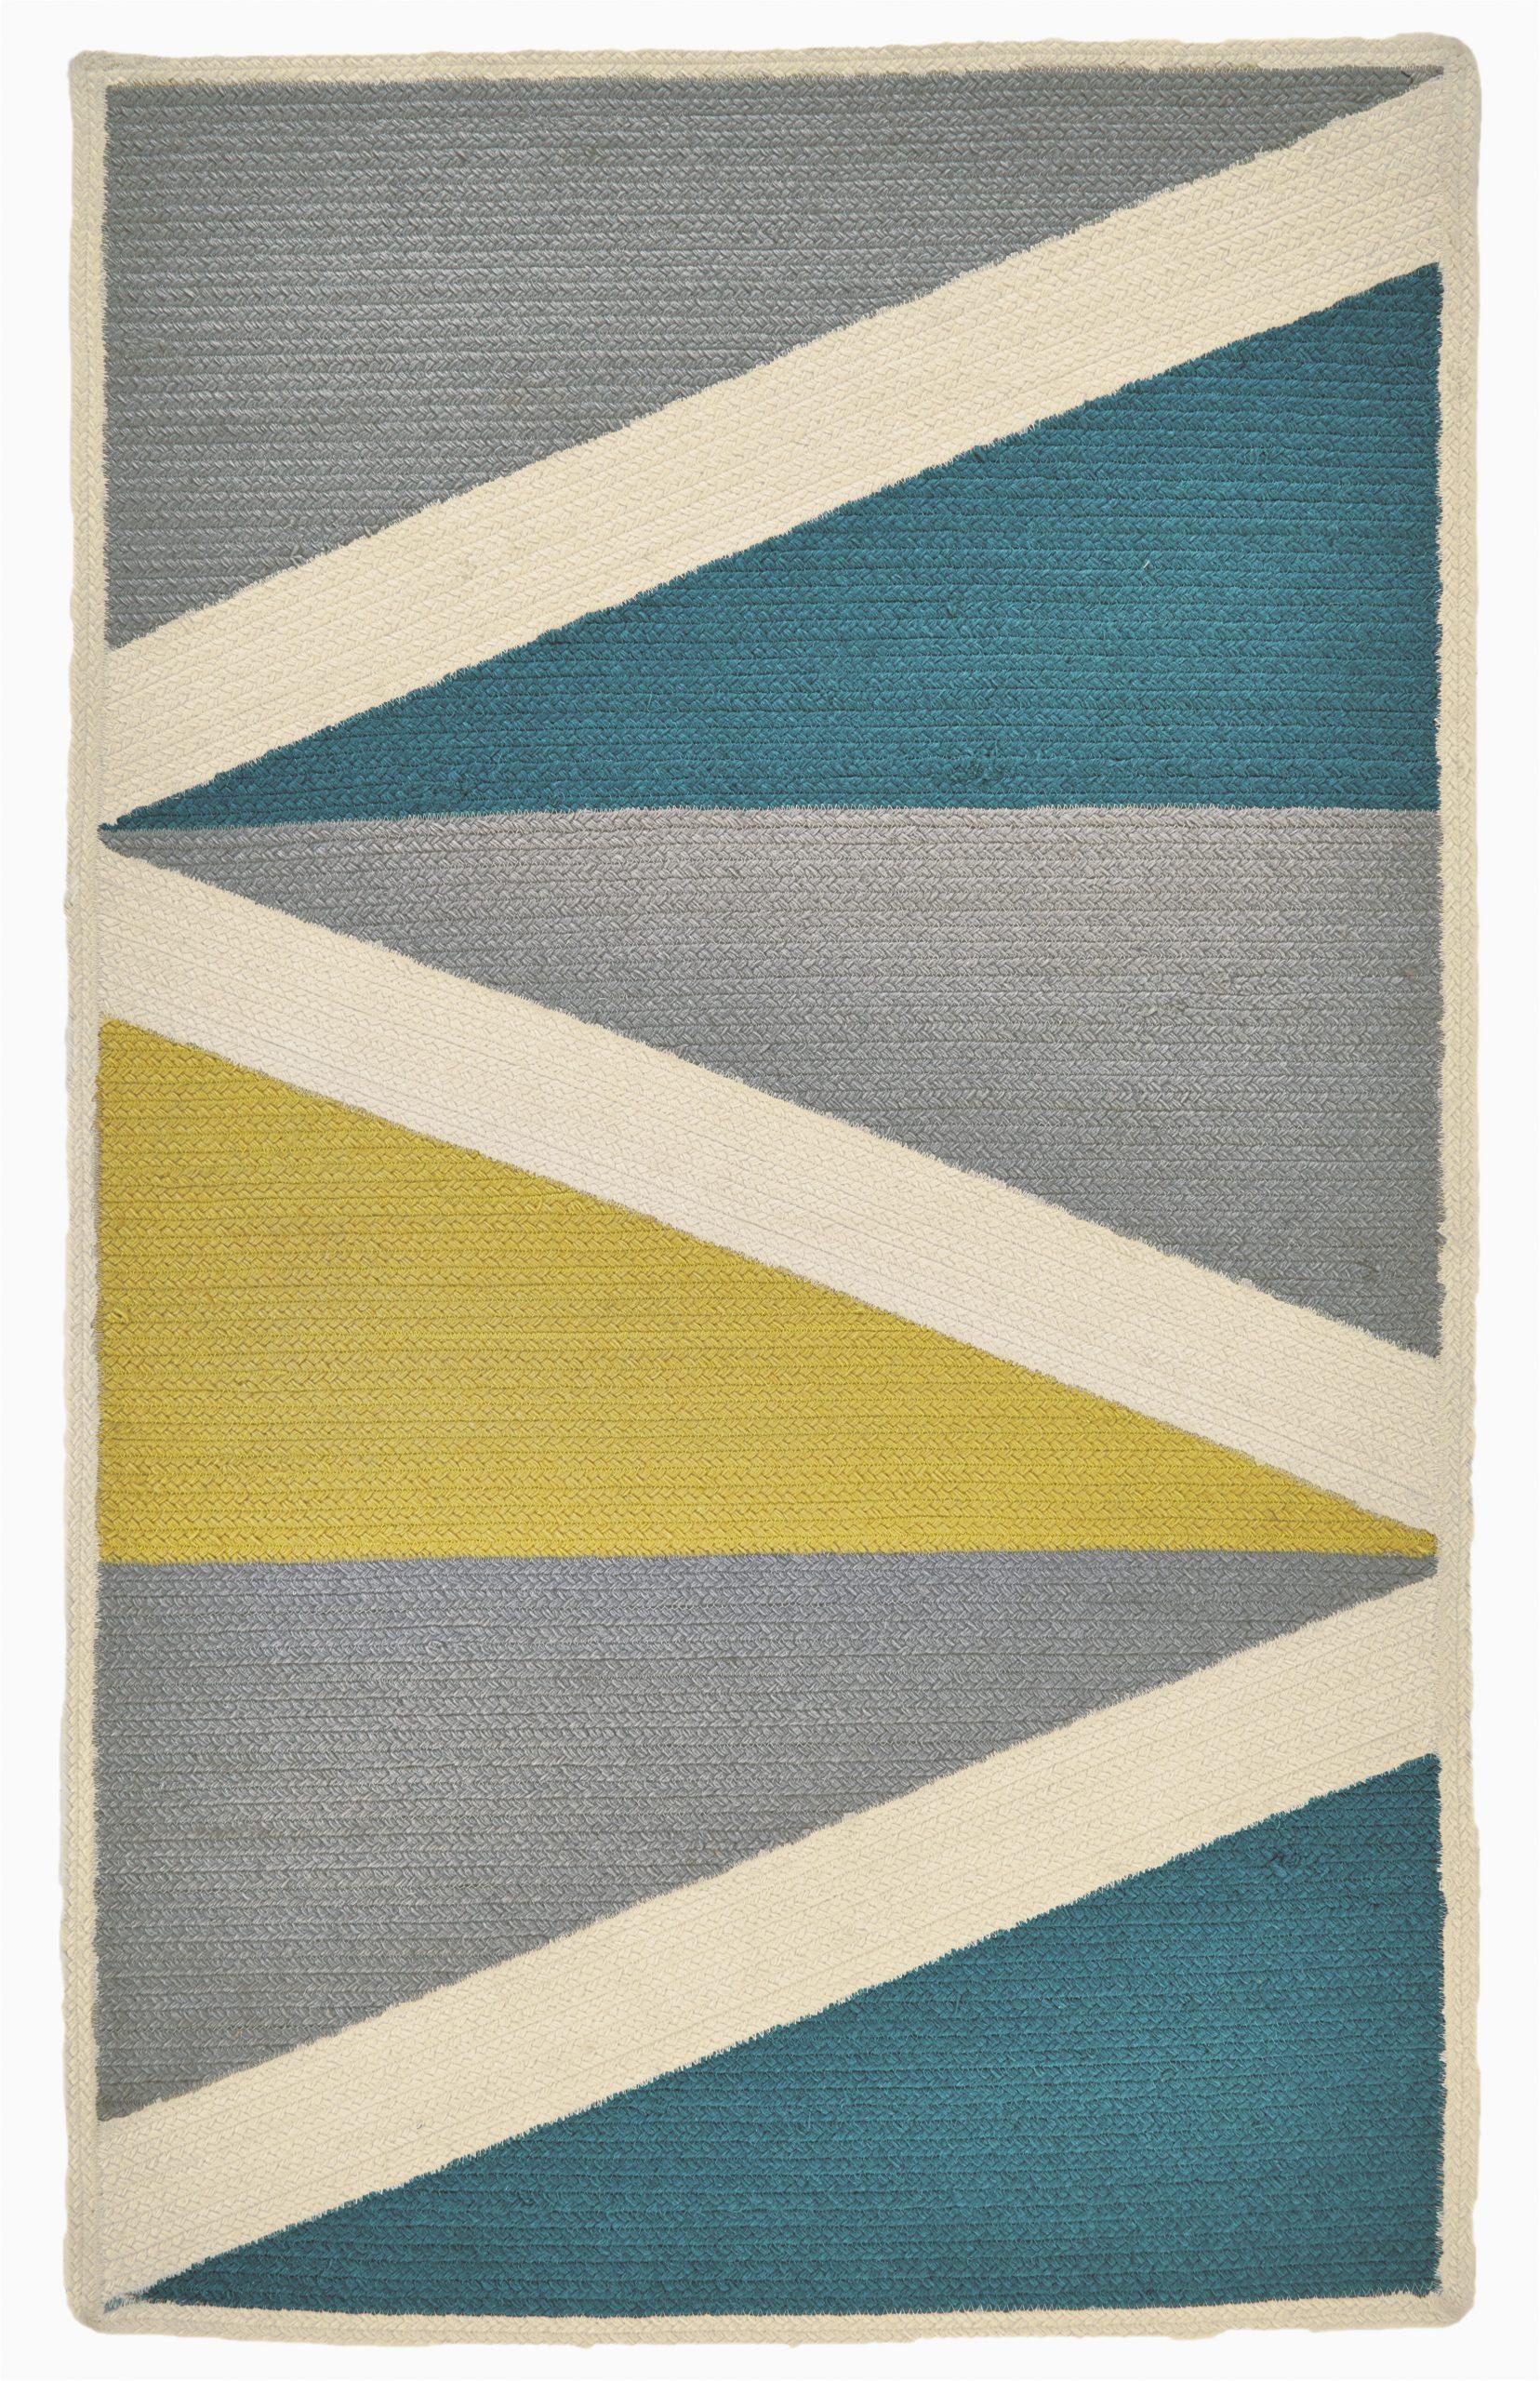 carrington grayyellowblue area rug